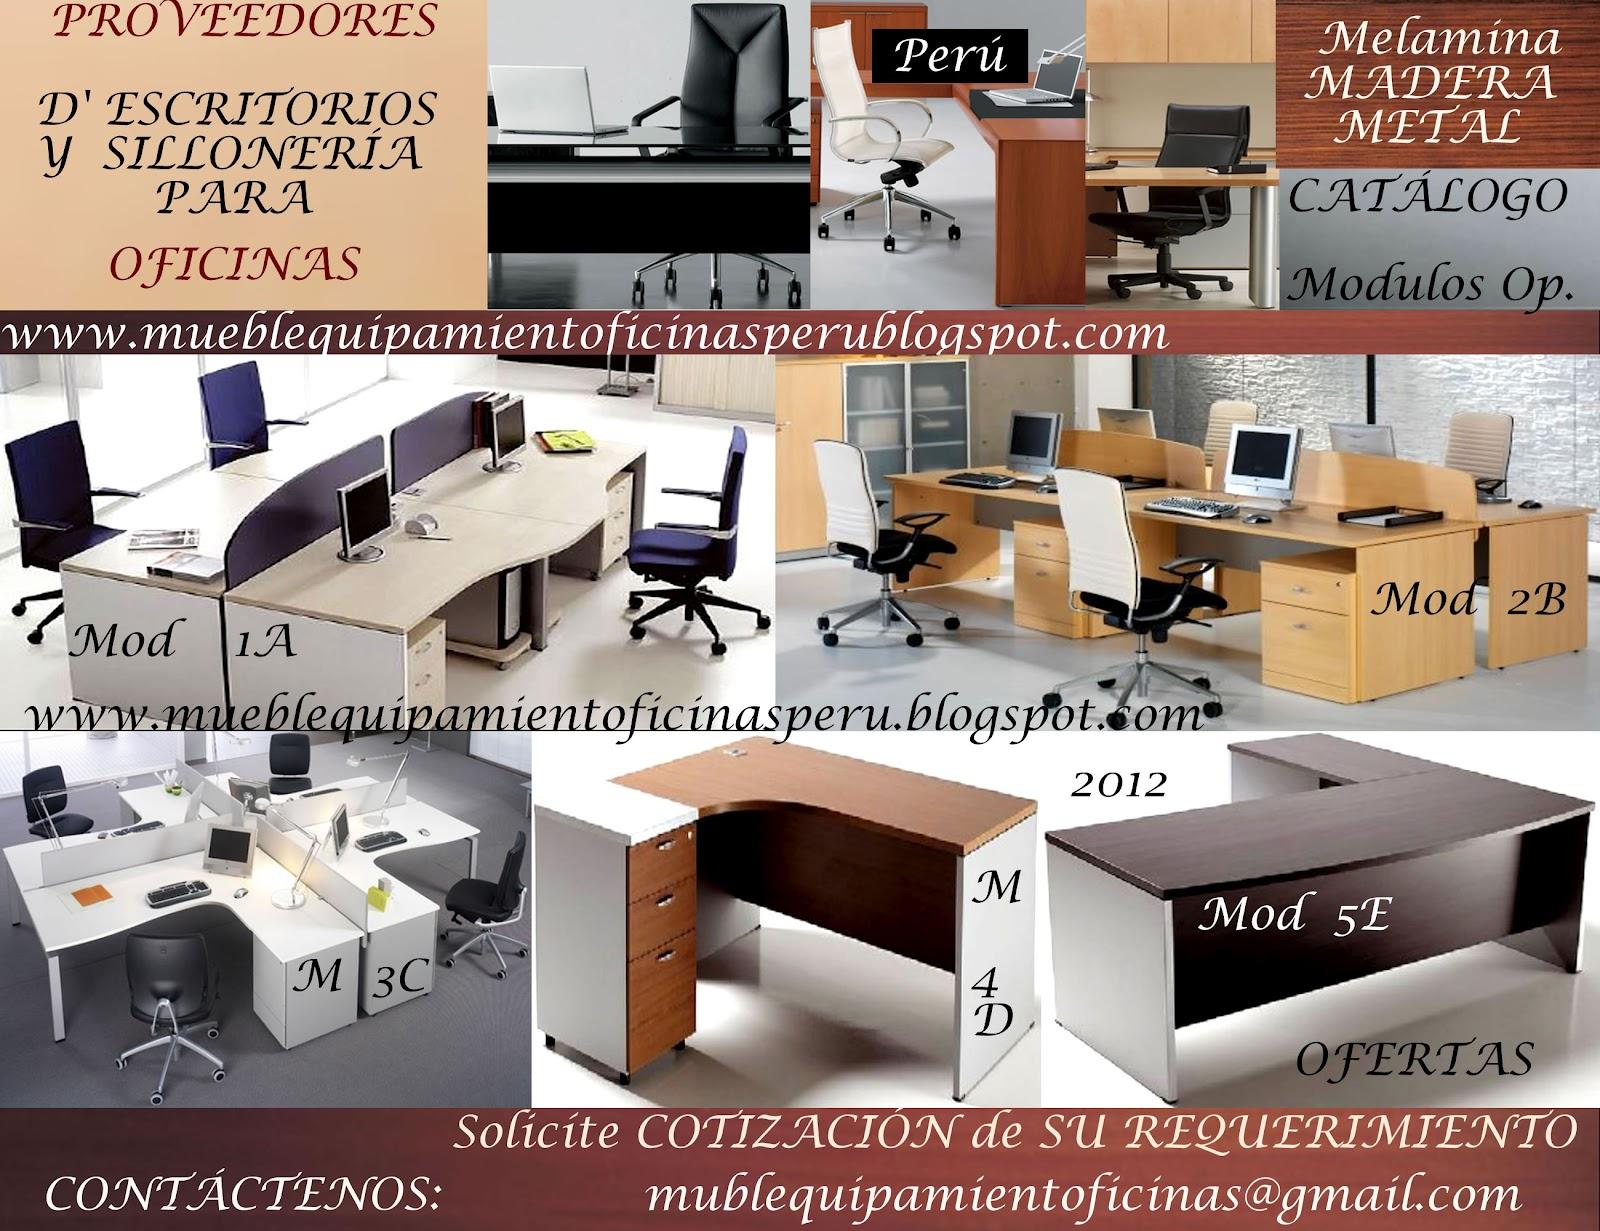 Proveedores d 39 escritorios y silloner a para oficinas for Proveedores de muebles para oficina